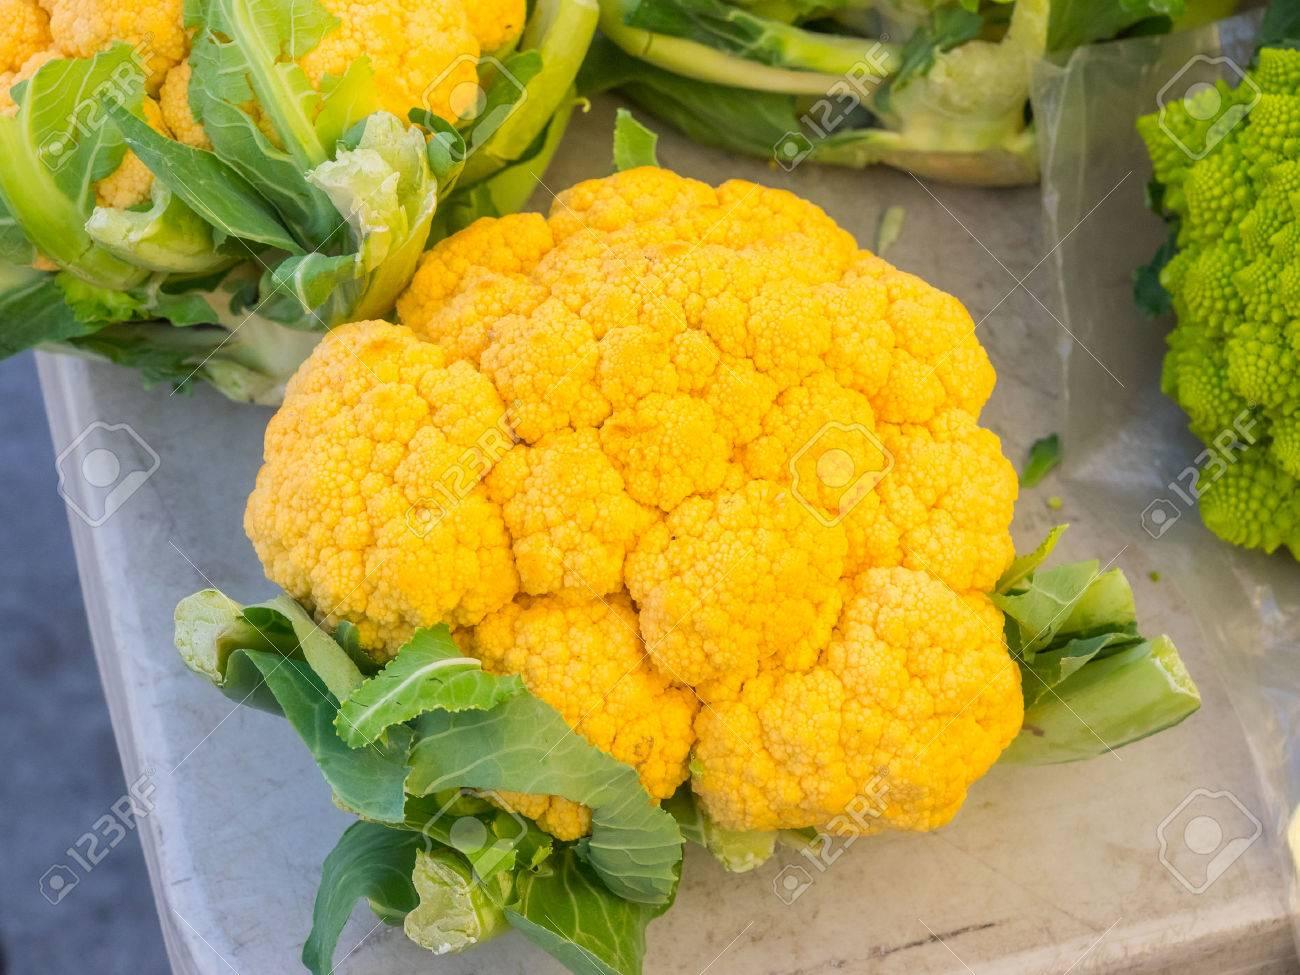 Le Chou Fleur Orange Brassica Oleracea L Var Botrytis Pour La